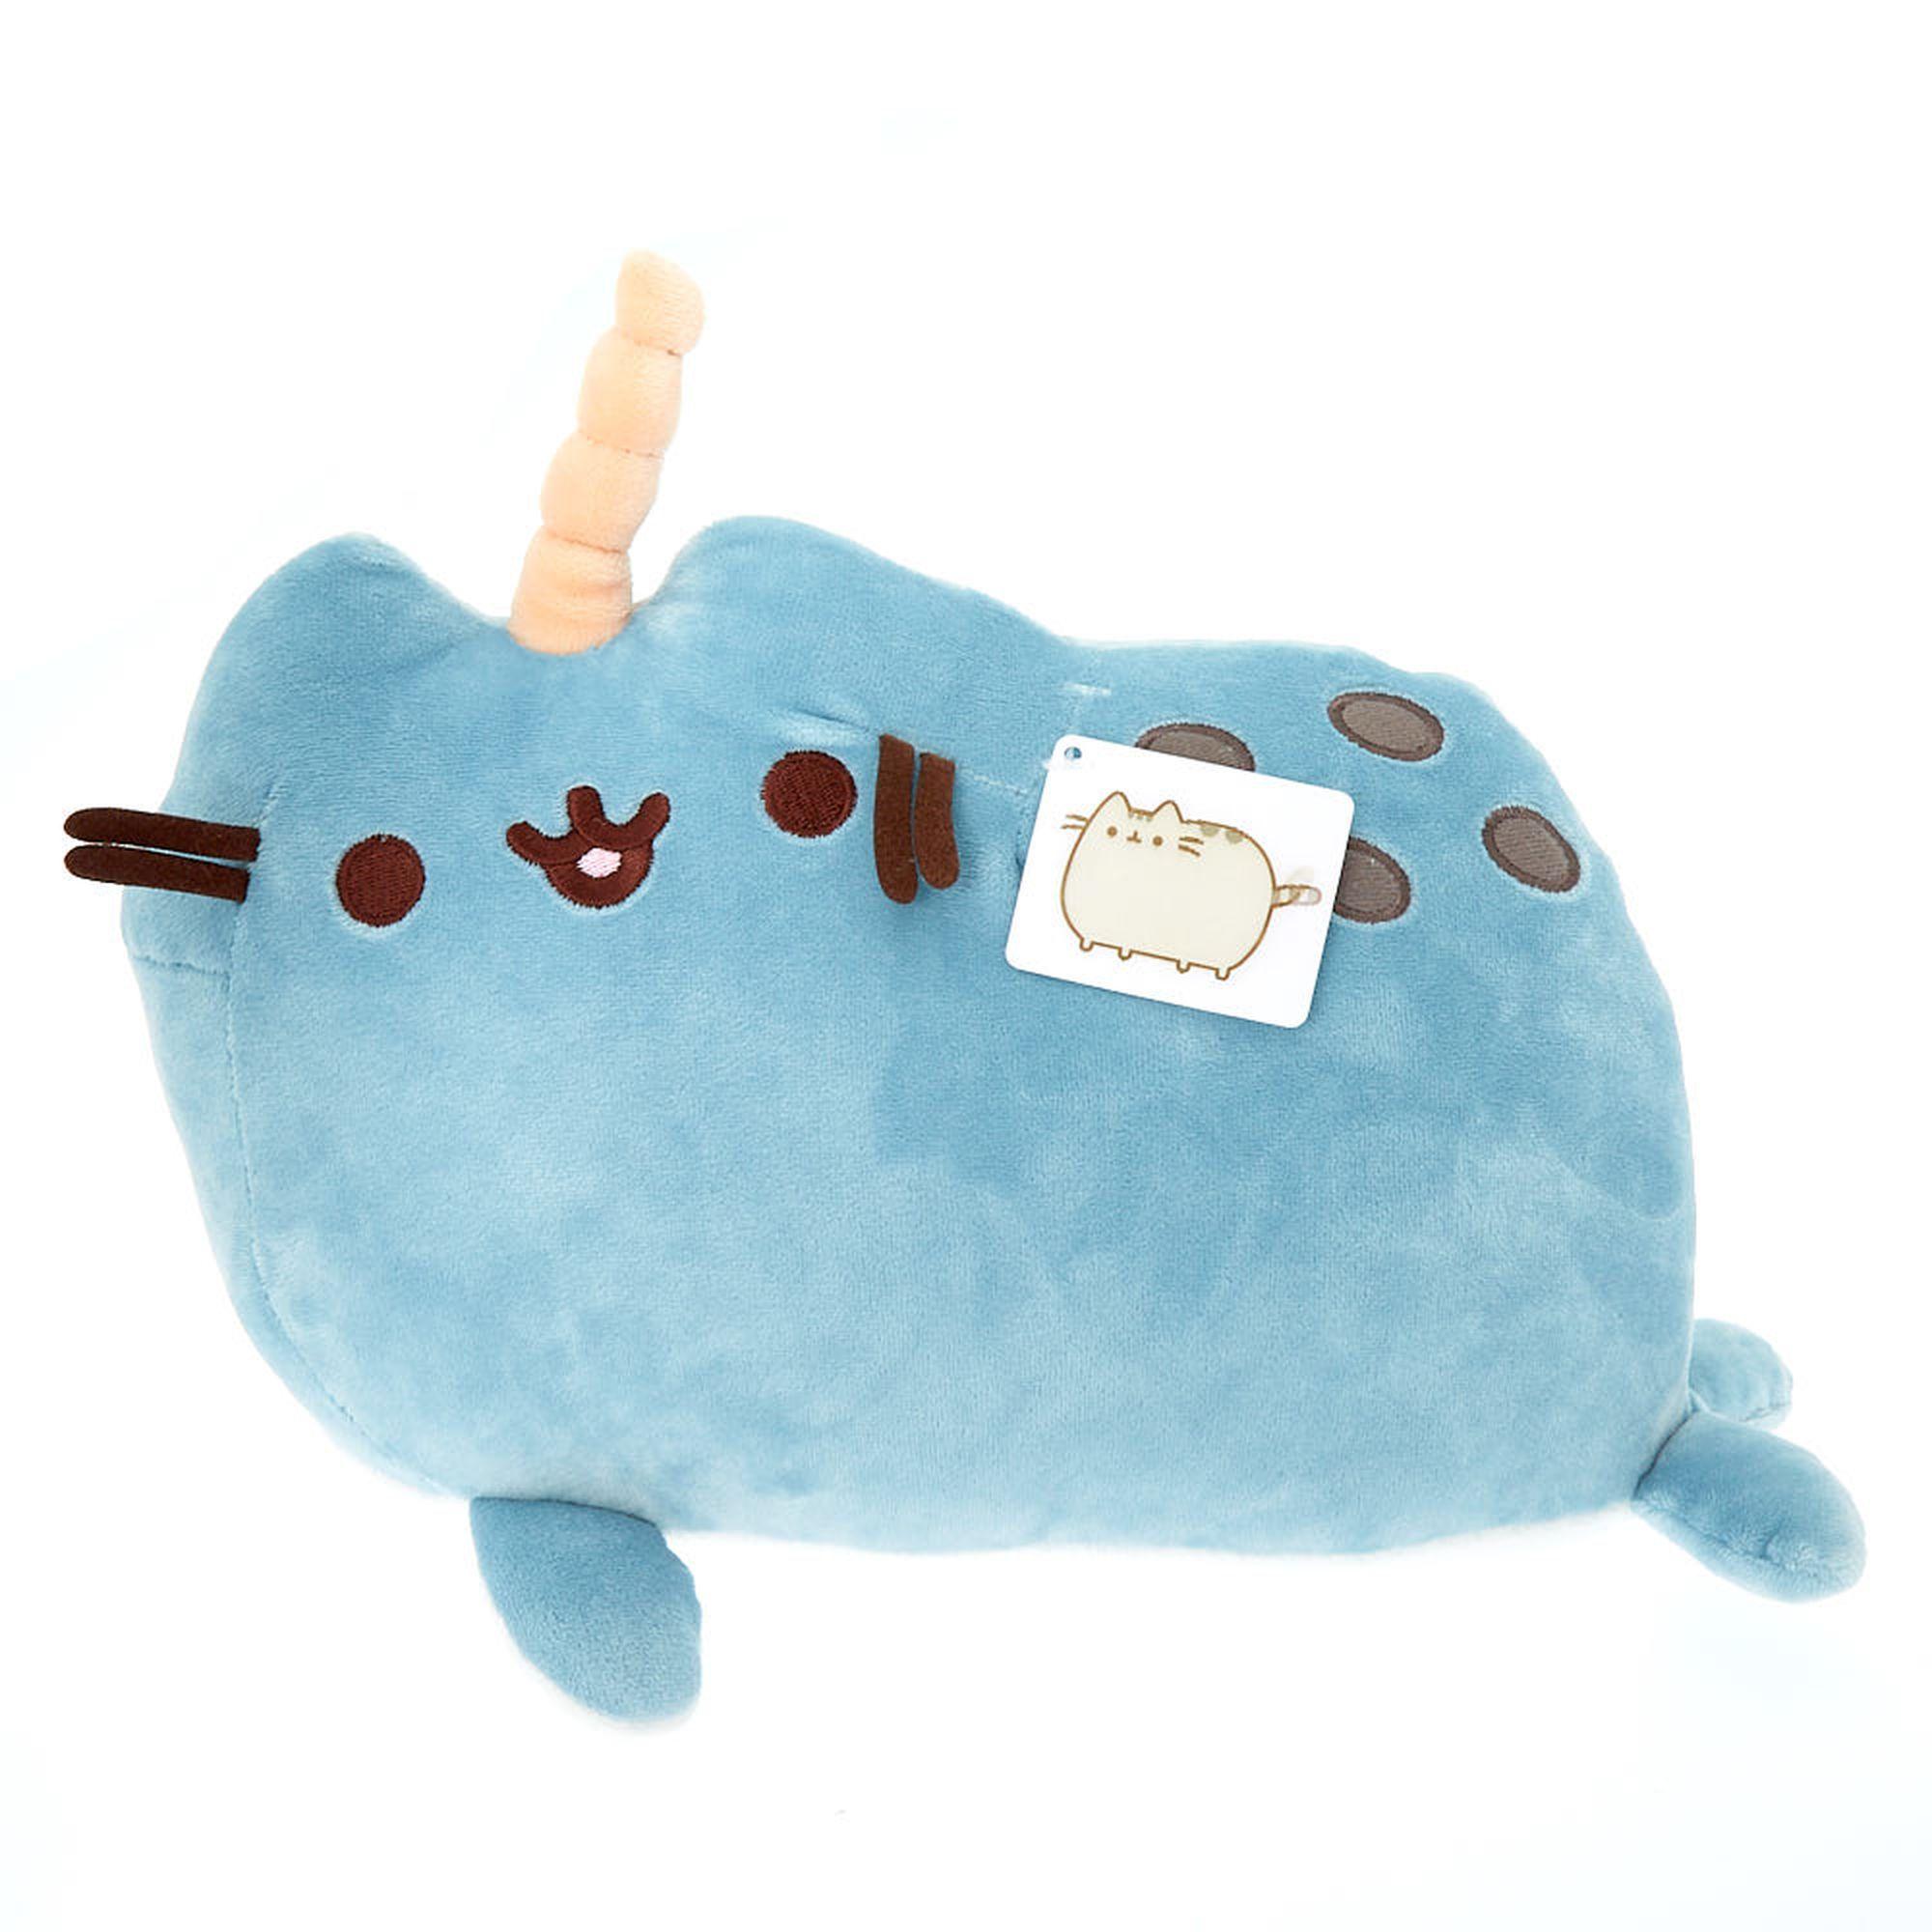 Pusheen® pusheenimals narwhal medium plush toy blue